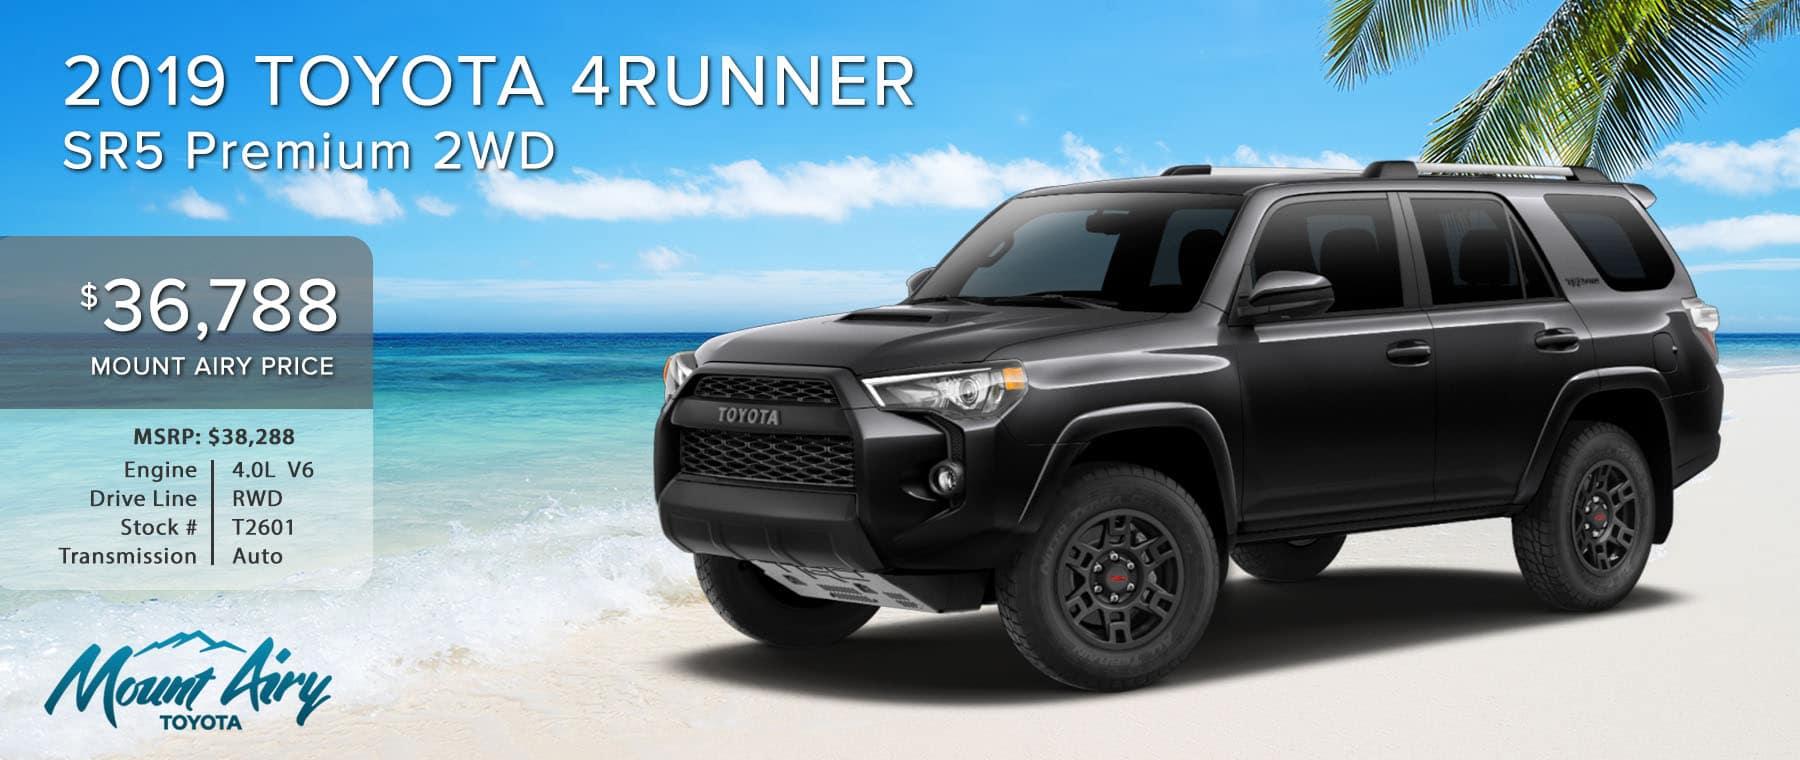 Black 2019 Toyota 4Runner on sale